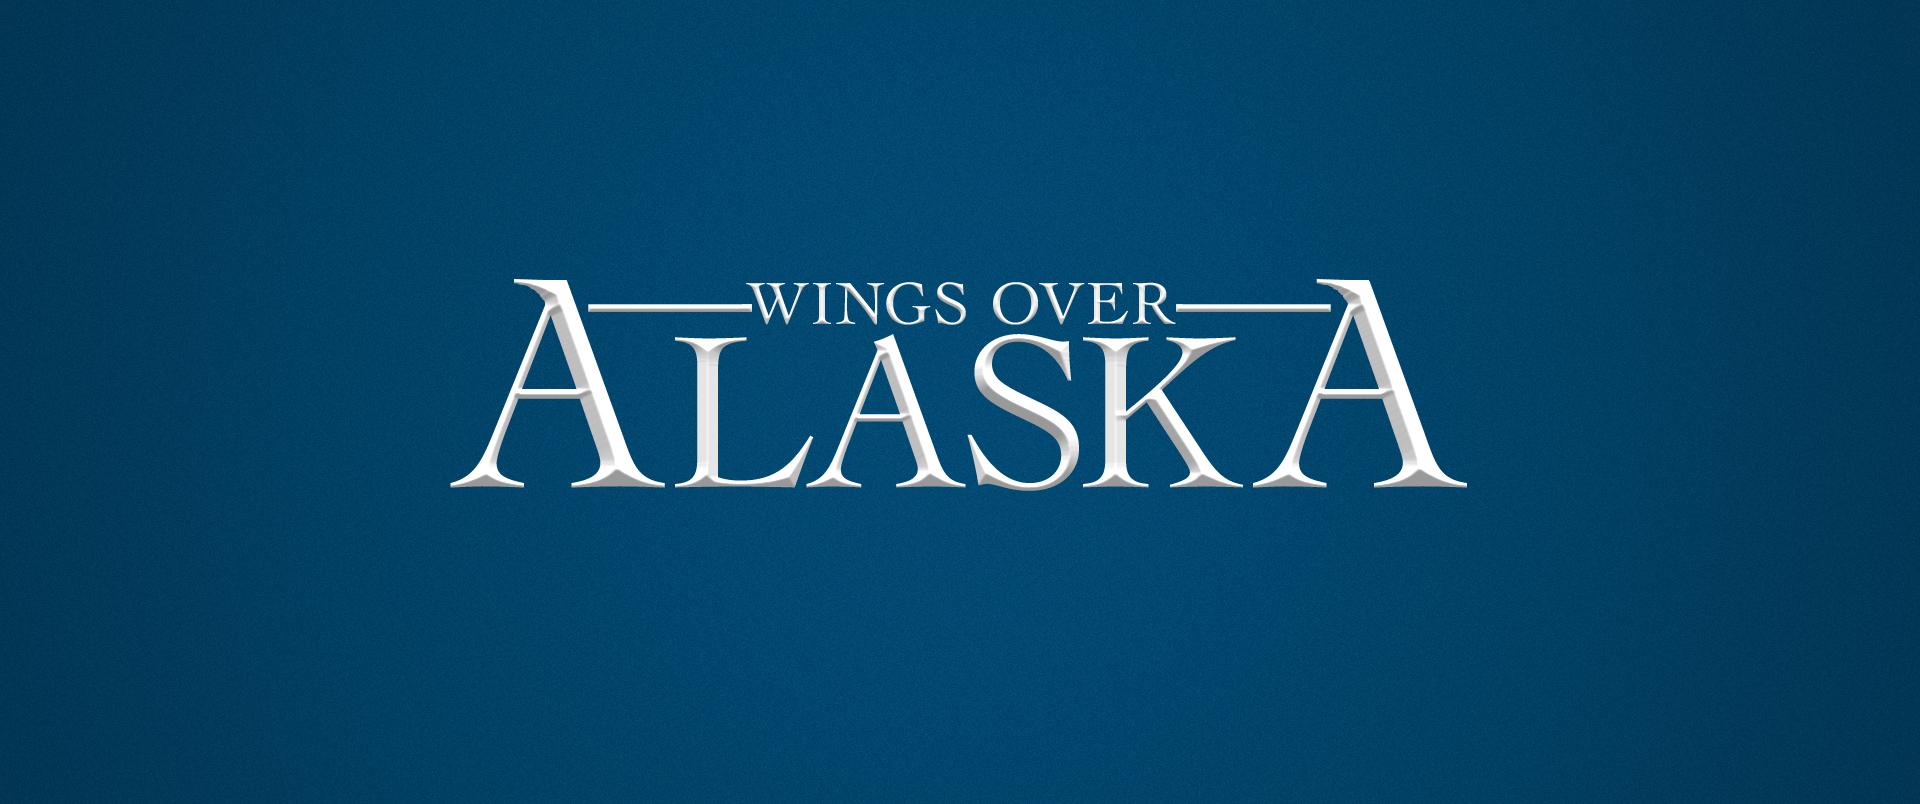 WingsOverAlaska2.jpg